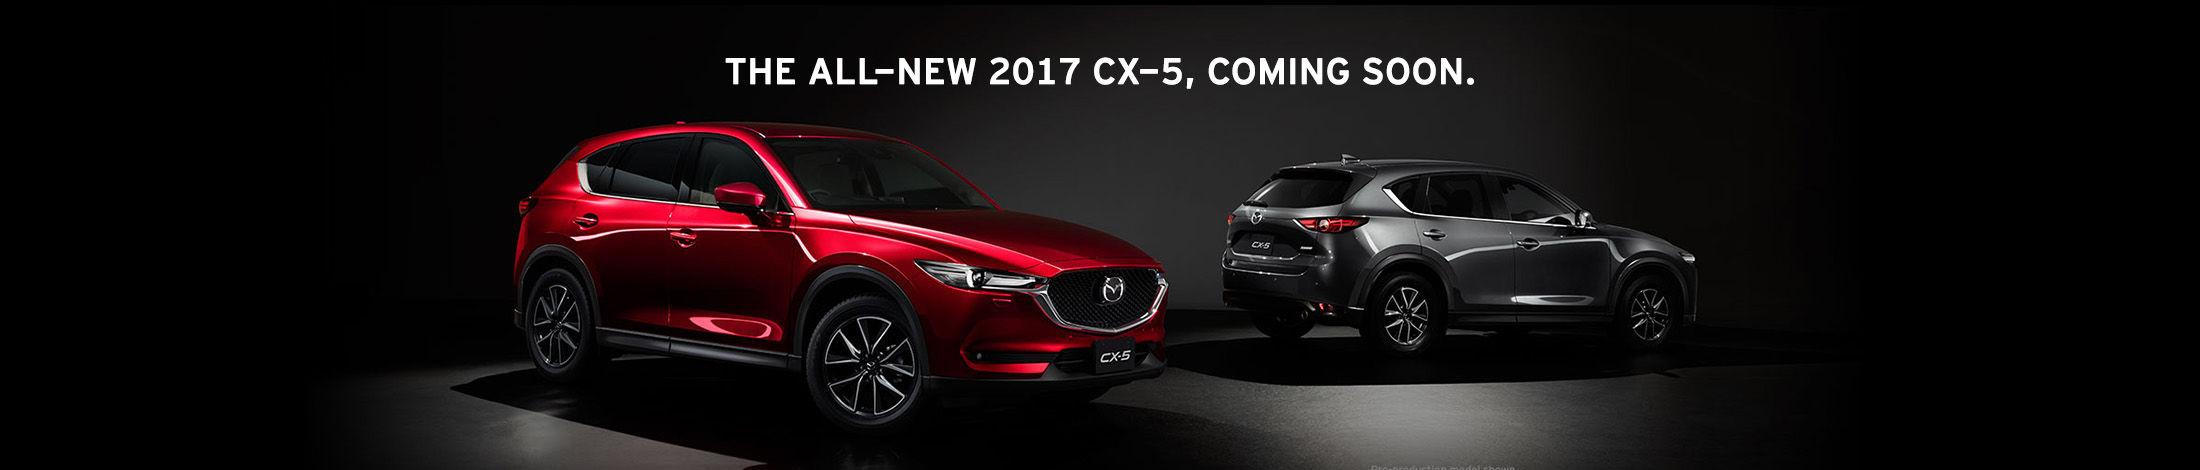 Header cx-5 2017